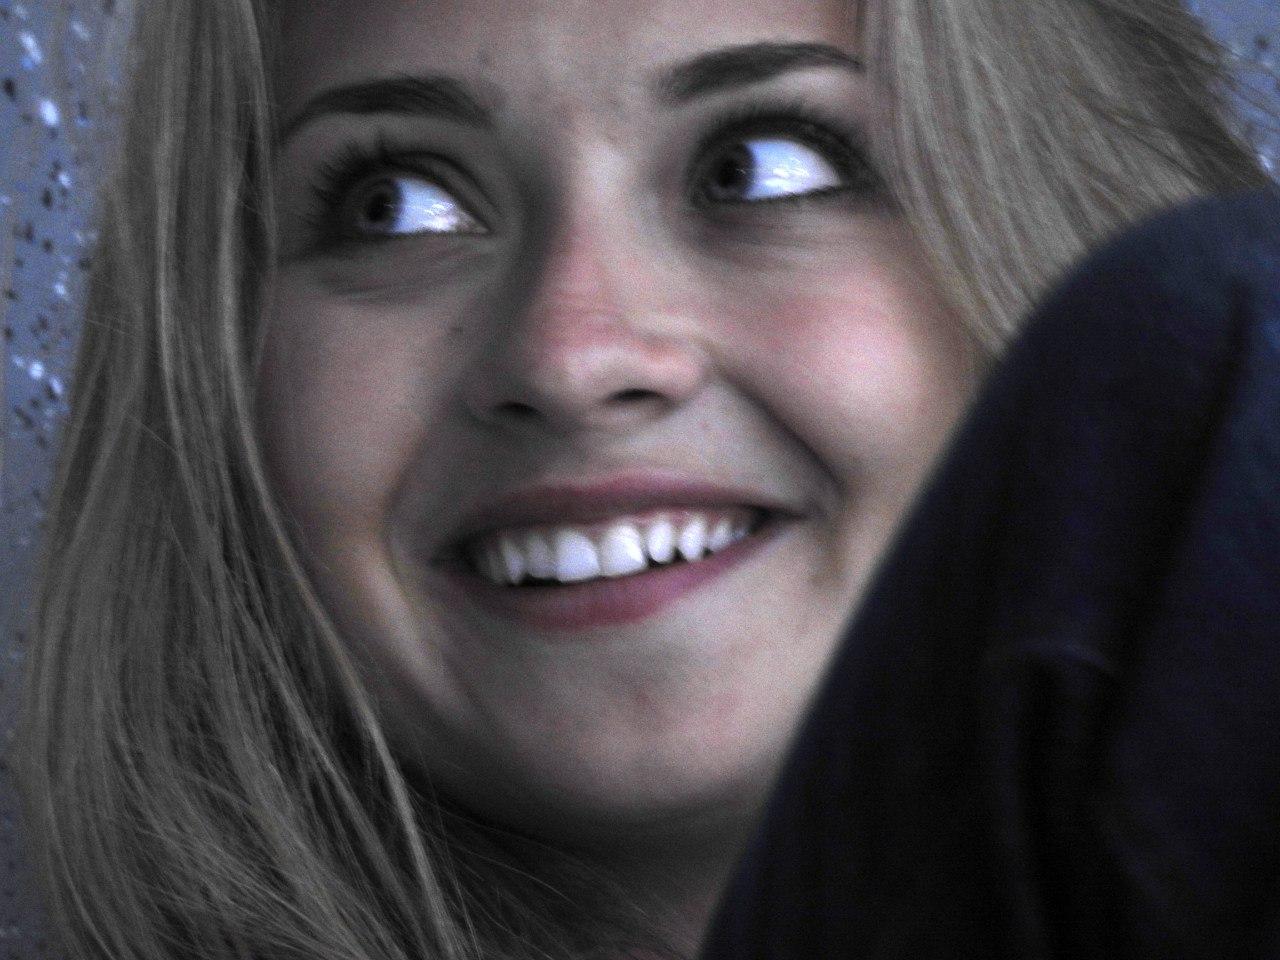 Виктория Синицина - Никита Кацалапов - 2 - Страница 27 C1H2A_HmBSY